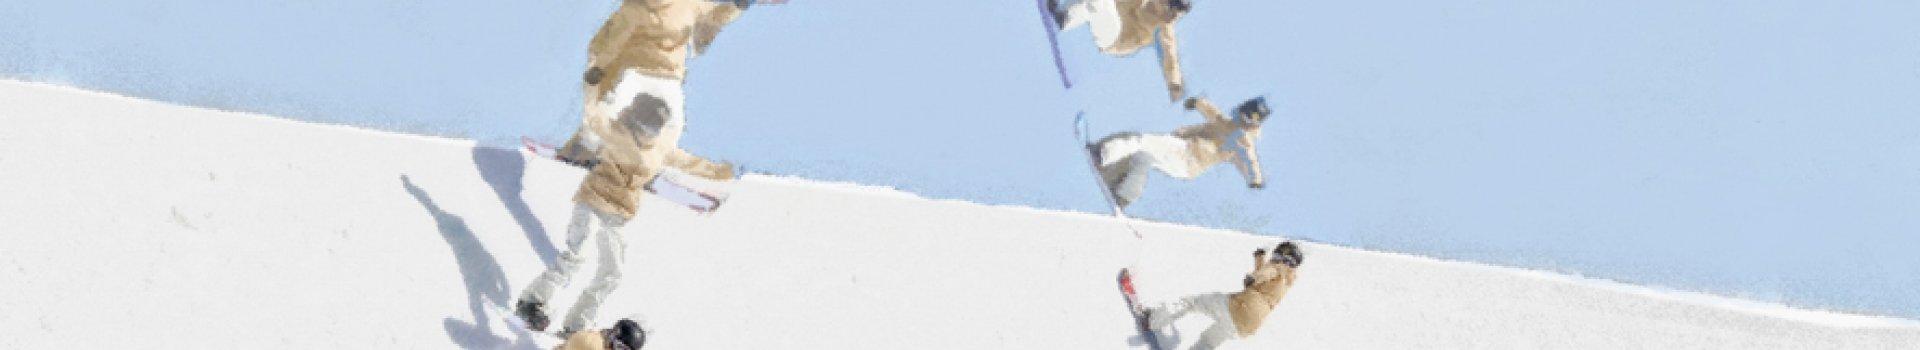 Najprostsze triki snowboardowe, które warto opanować